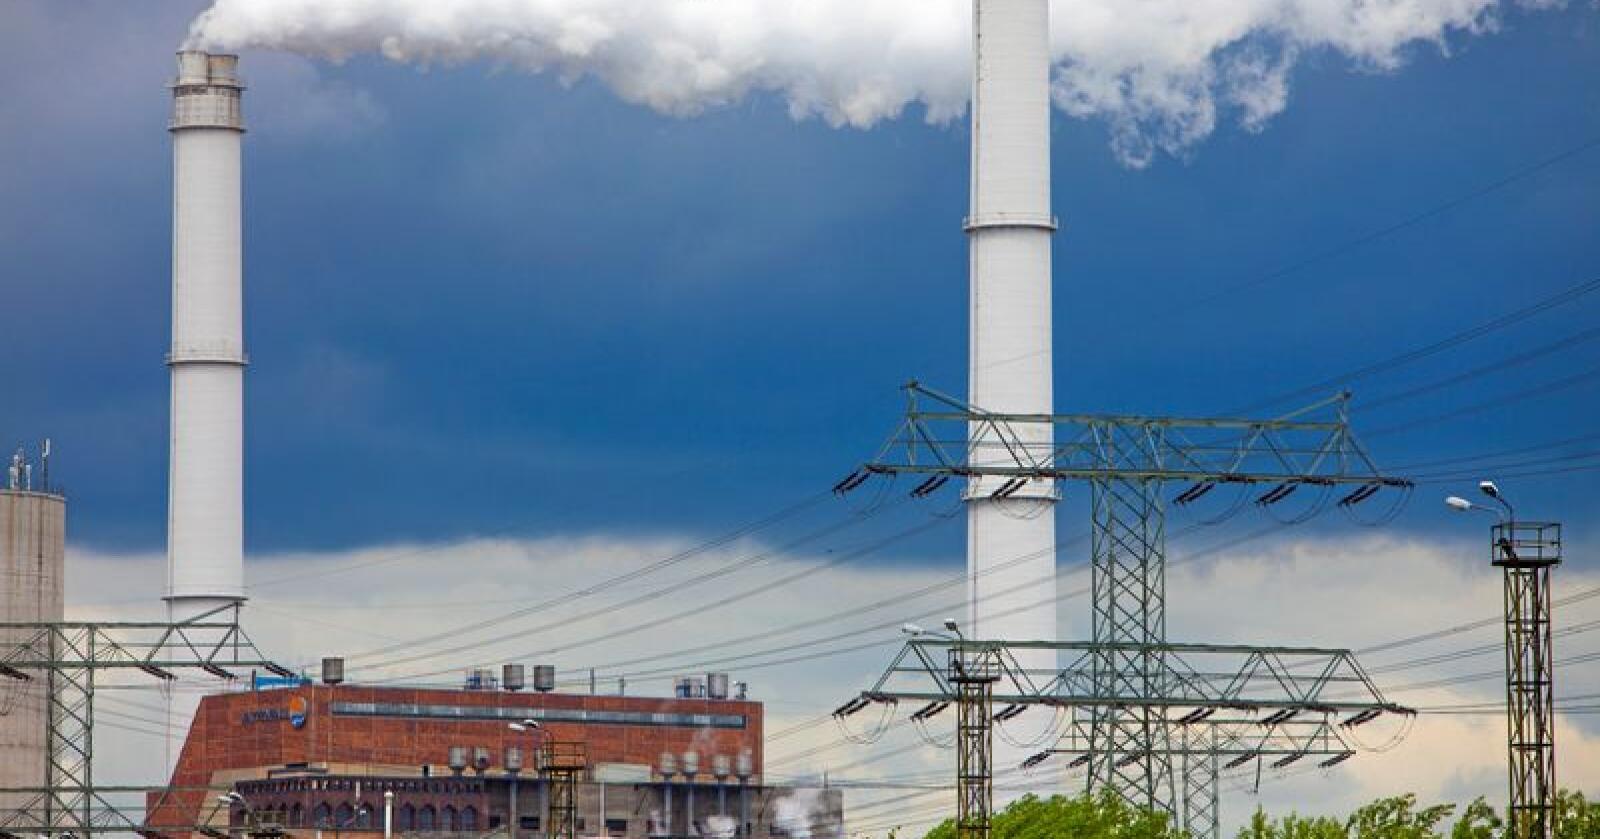 Kullkraftverk i Berlin, Tyskland. Foto: Jan-Morten Bjørnbakk / NTB scanpix